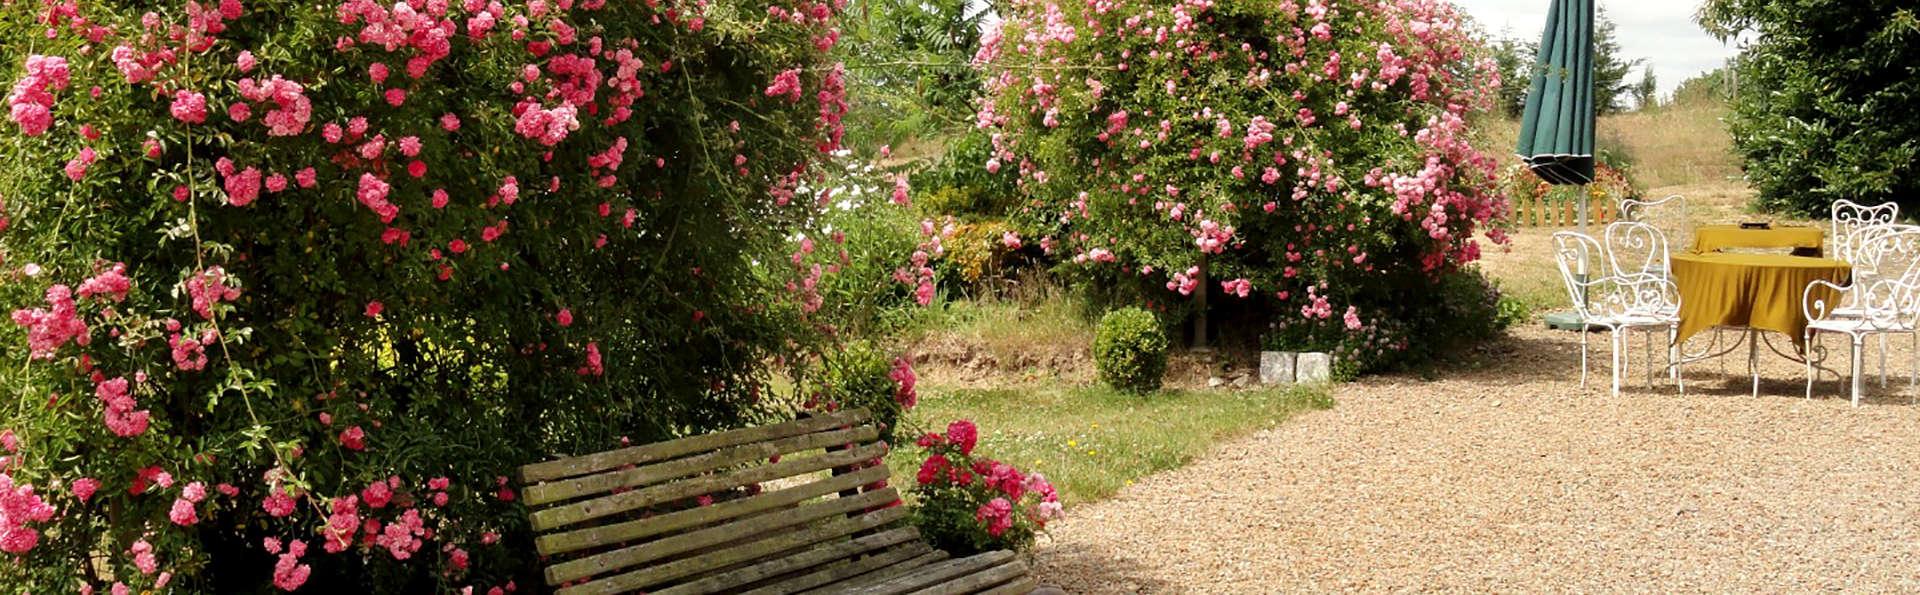 Week-end romantique à deux près du Mont Saint Michel (2 nuits)